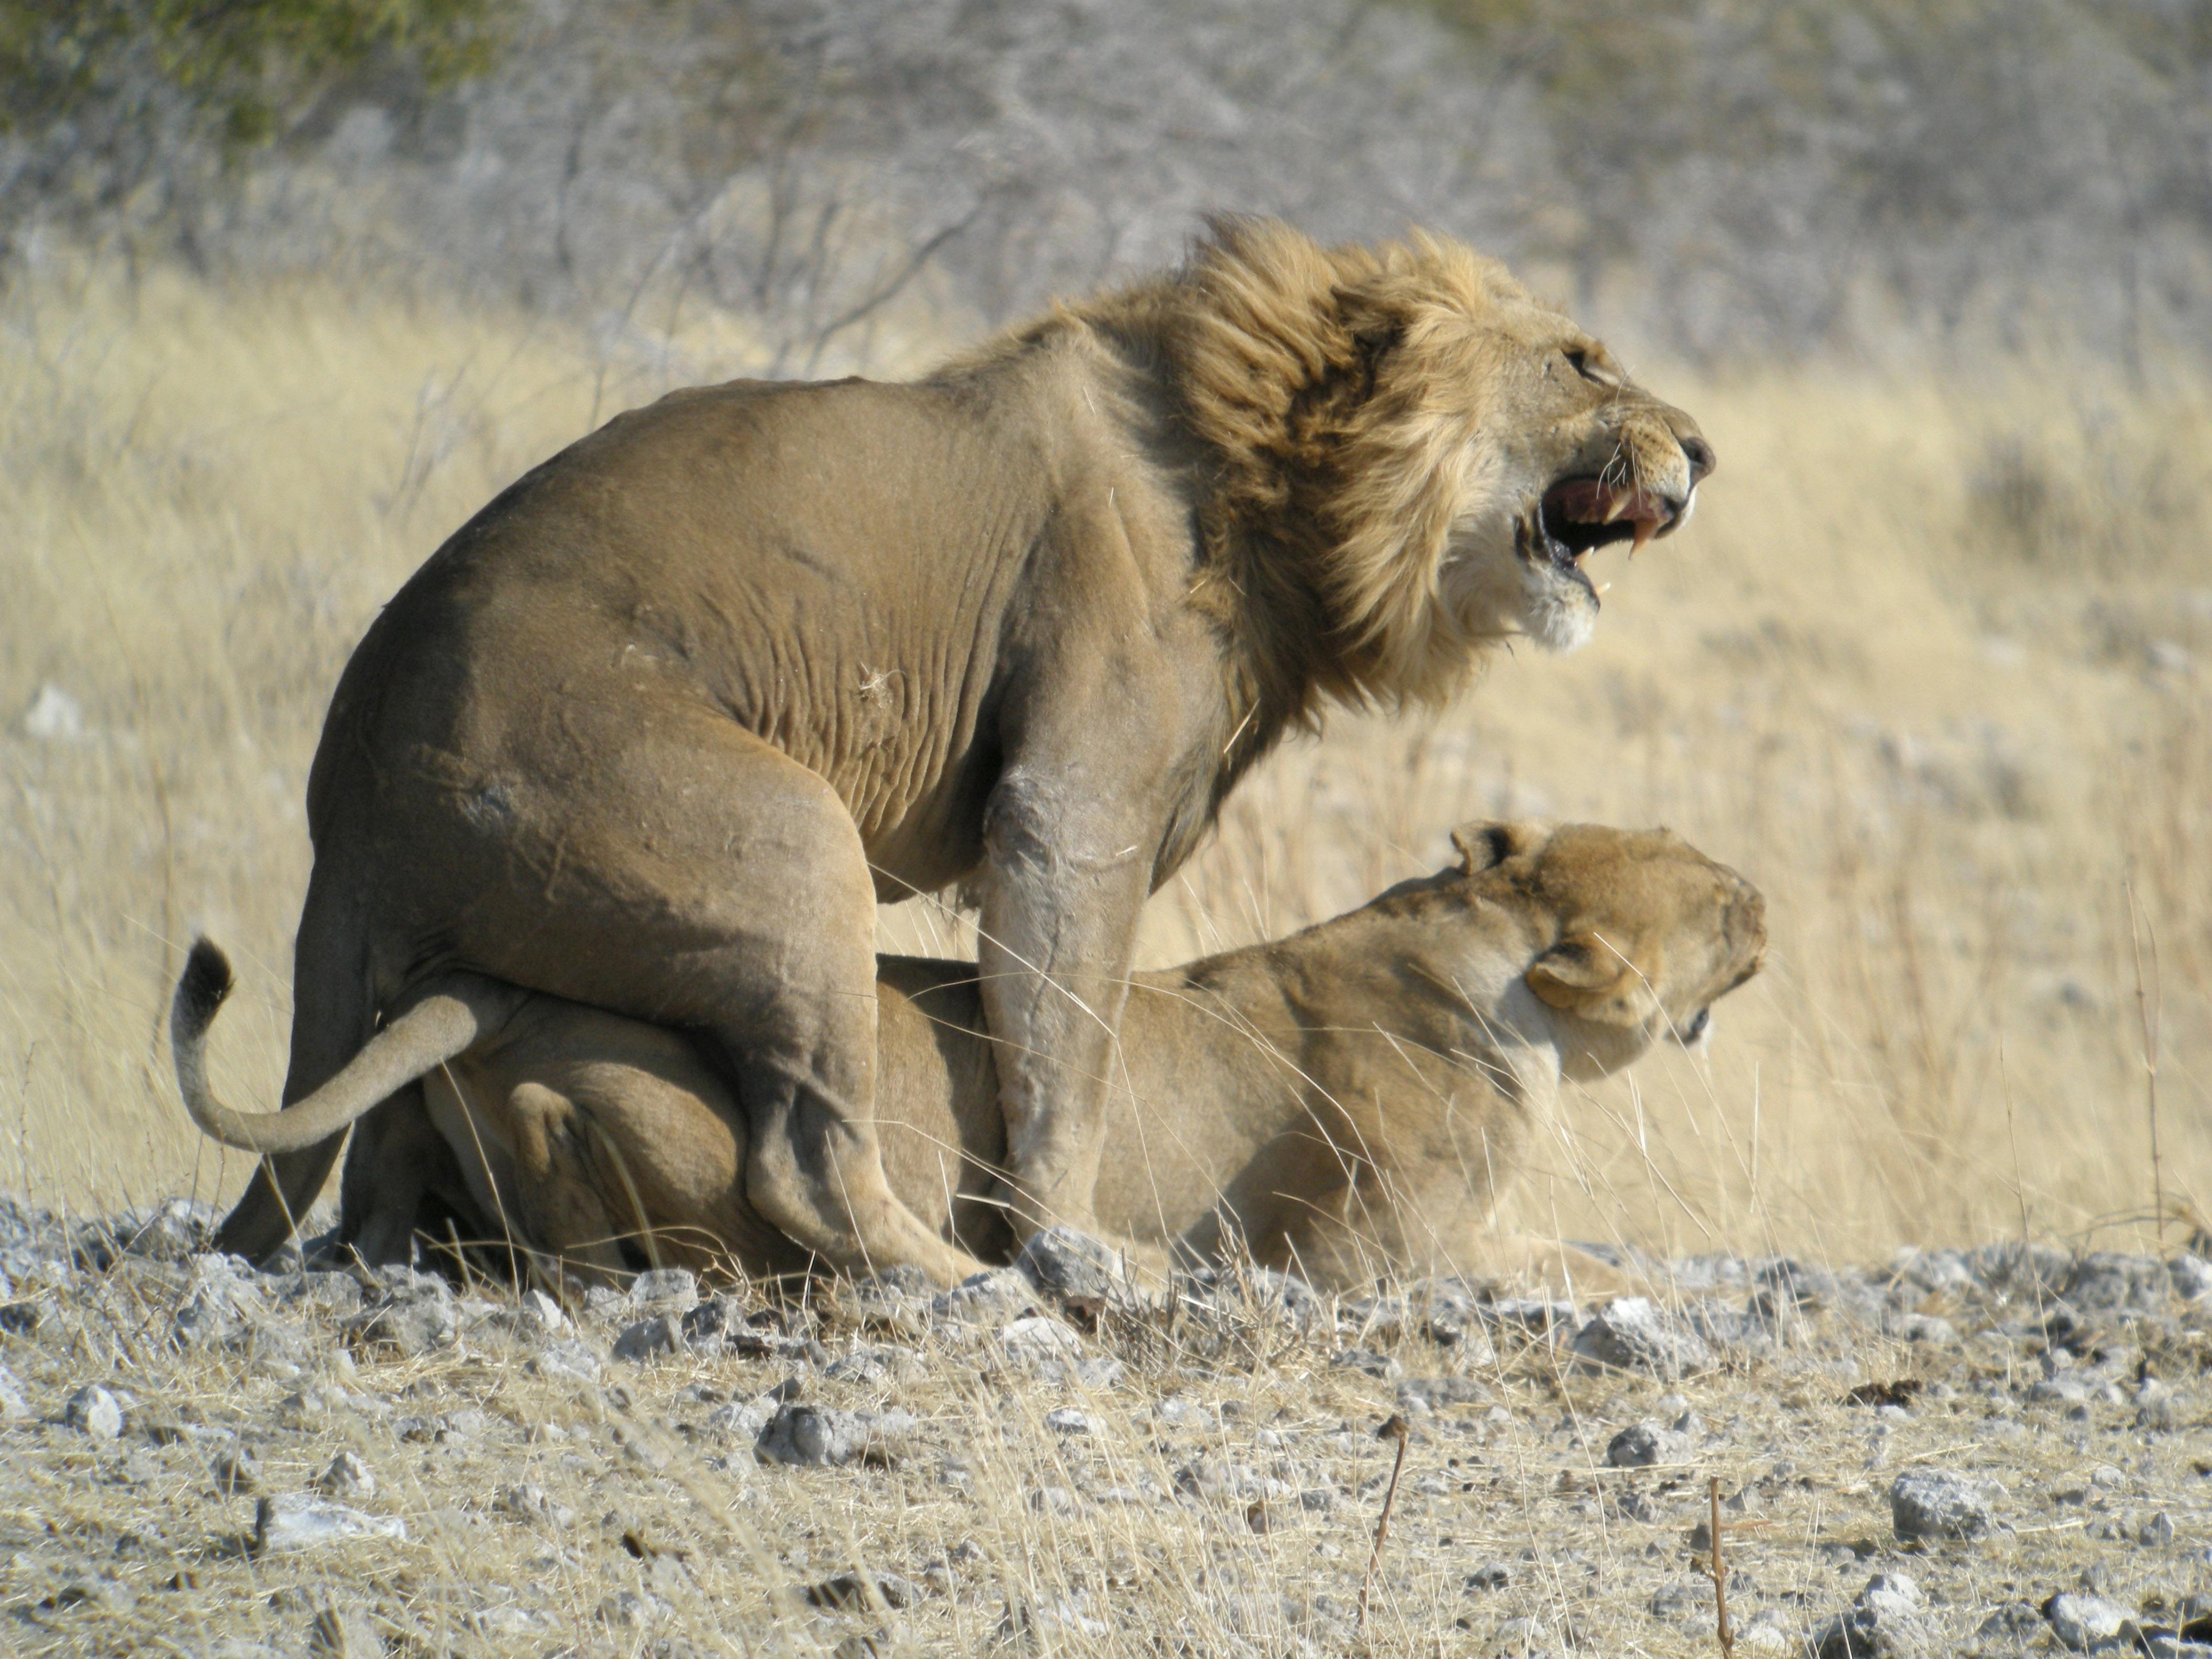 Fichier:Mating Lion, Etosha National Park, Namibia.jpg ...